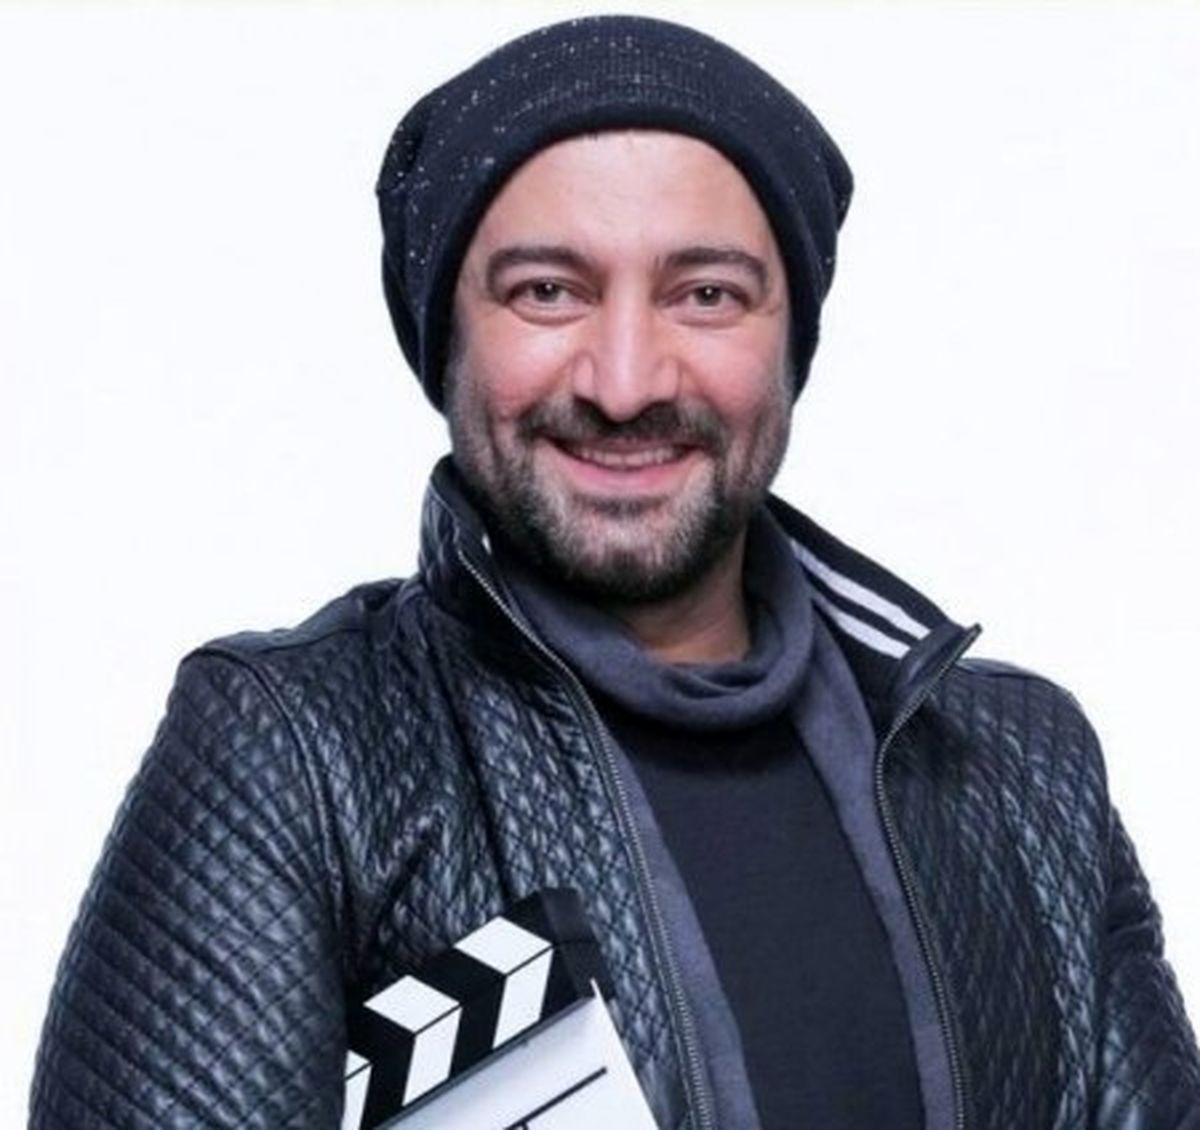 ماجرای جالب مهمانی رفتن مجید صالحی به خانه رضا عطاران!+فیلم